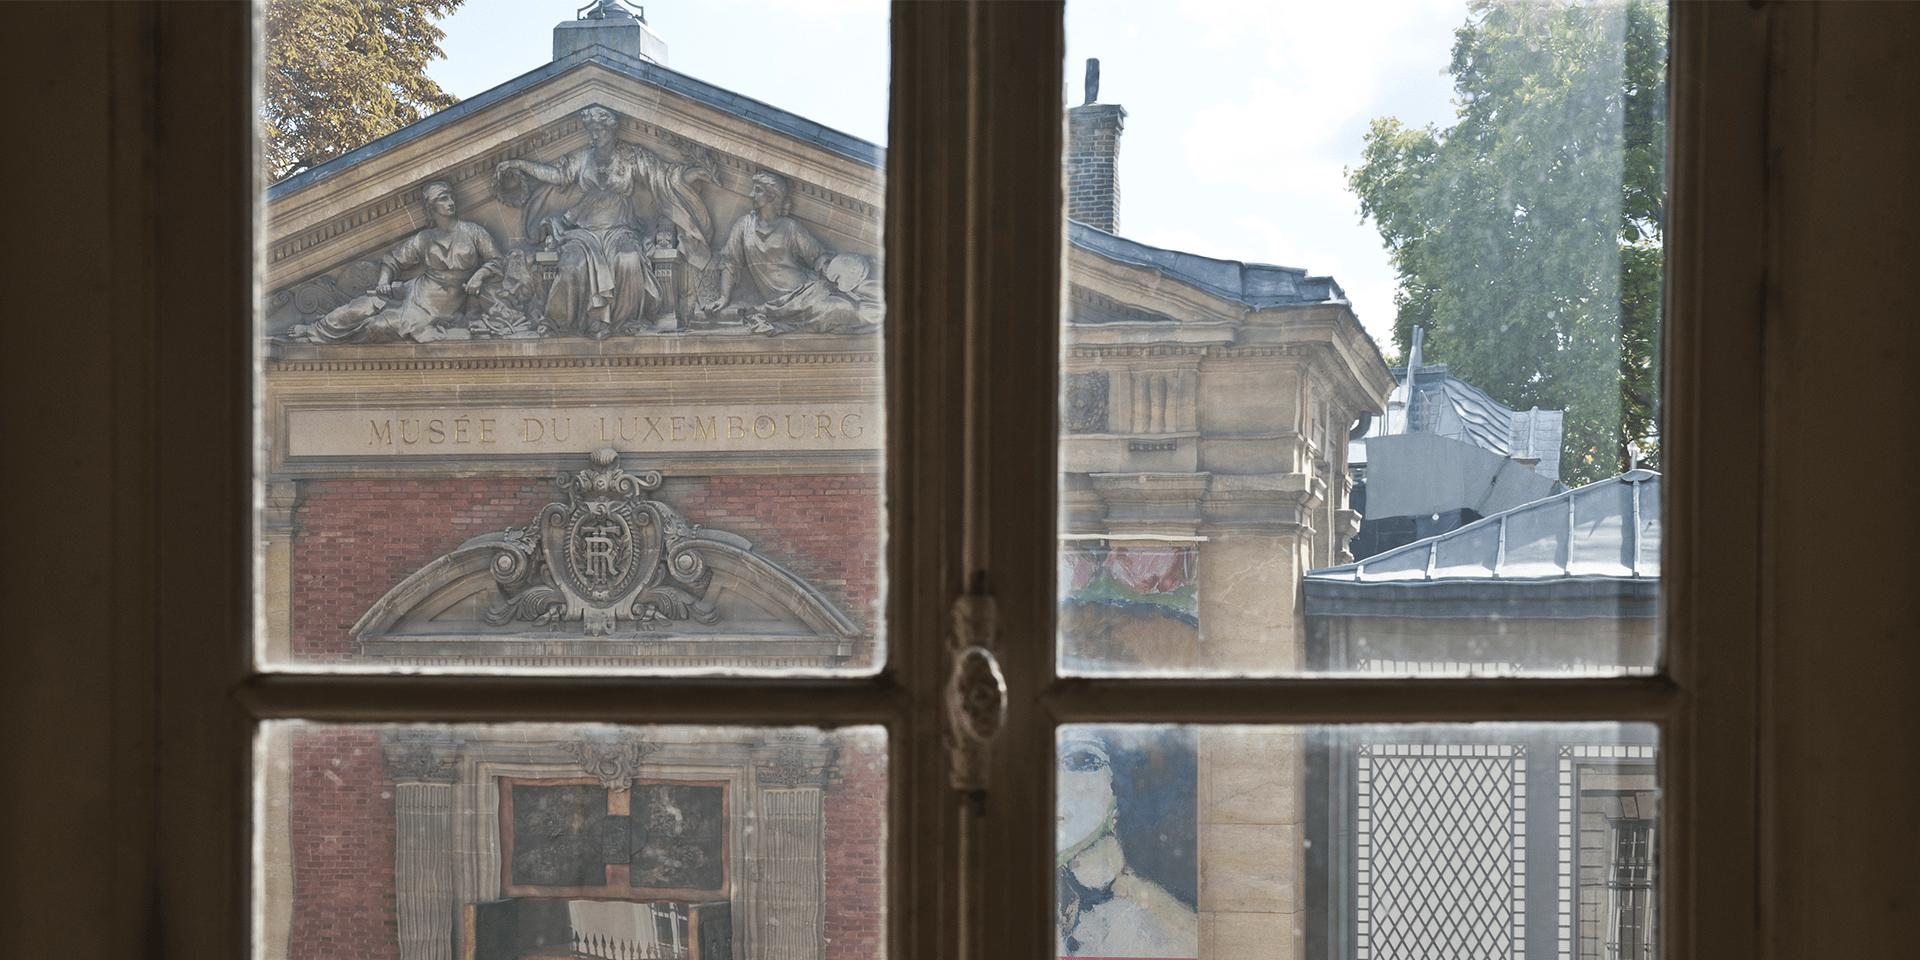 Le Musée du Luxembourg